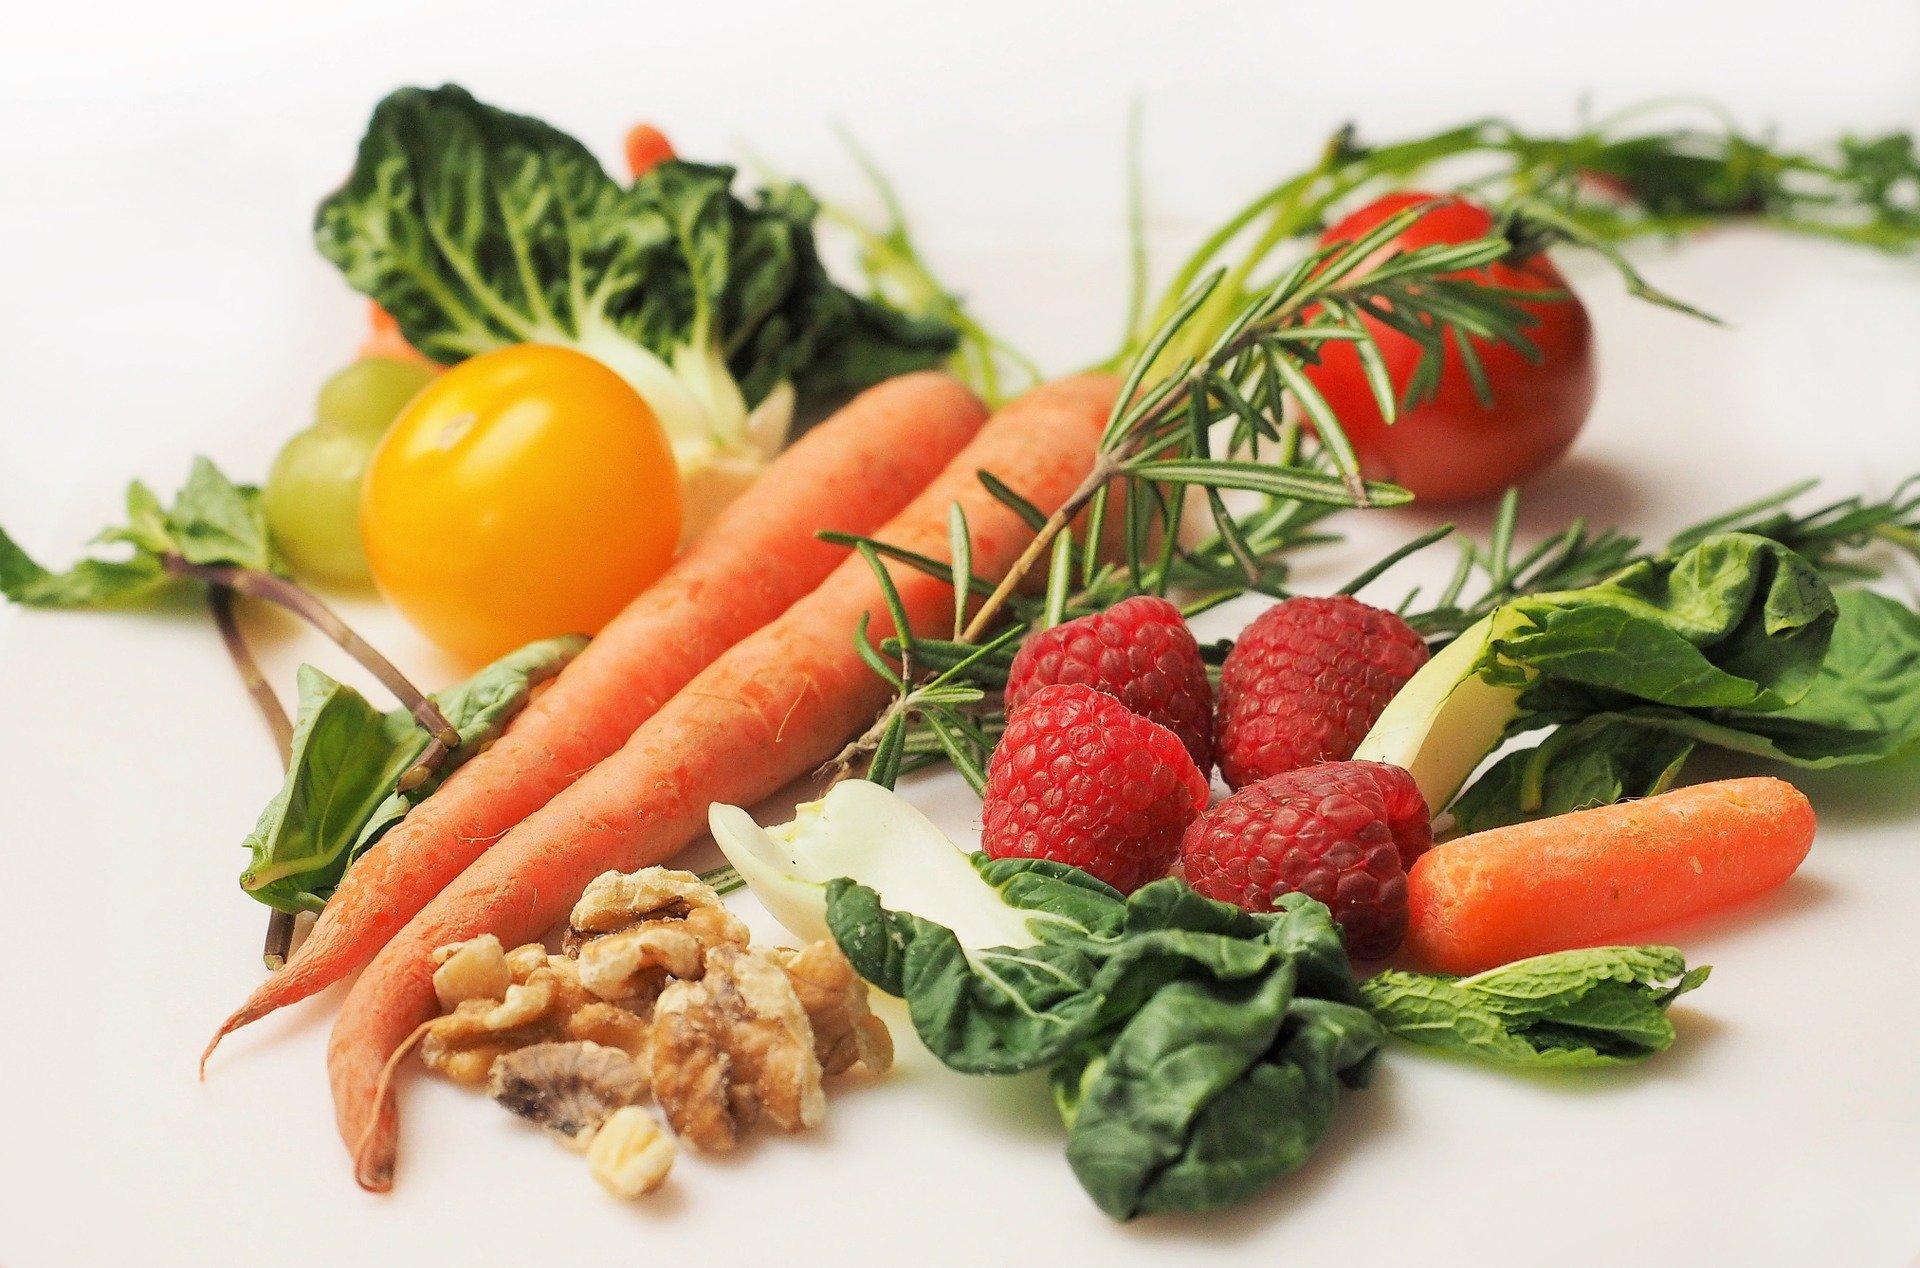 Wskazówki, jak przygotować pyszne zdrowe jedzenie